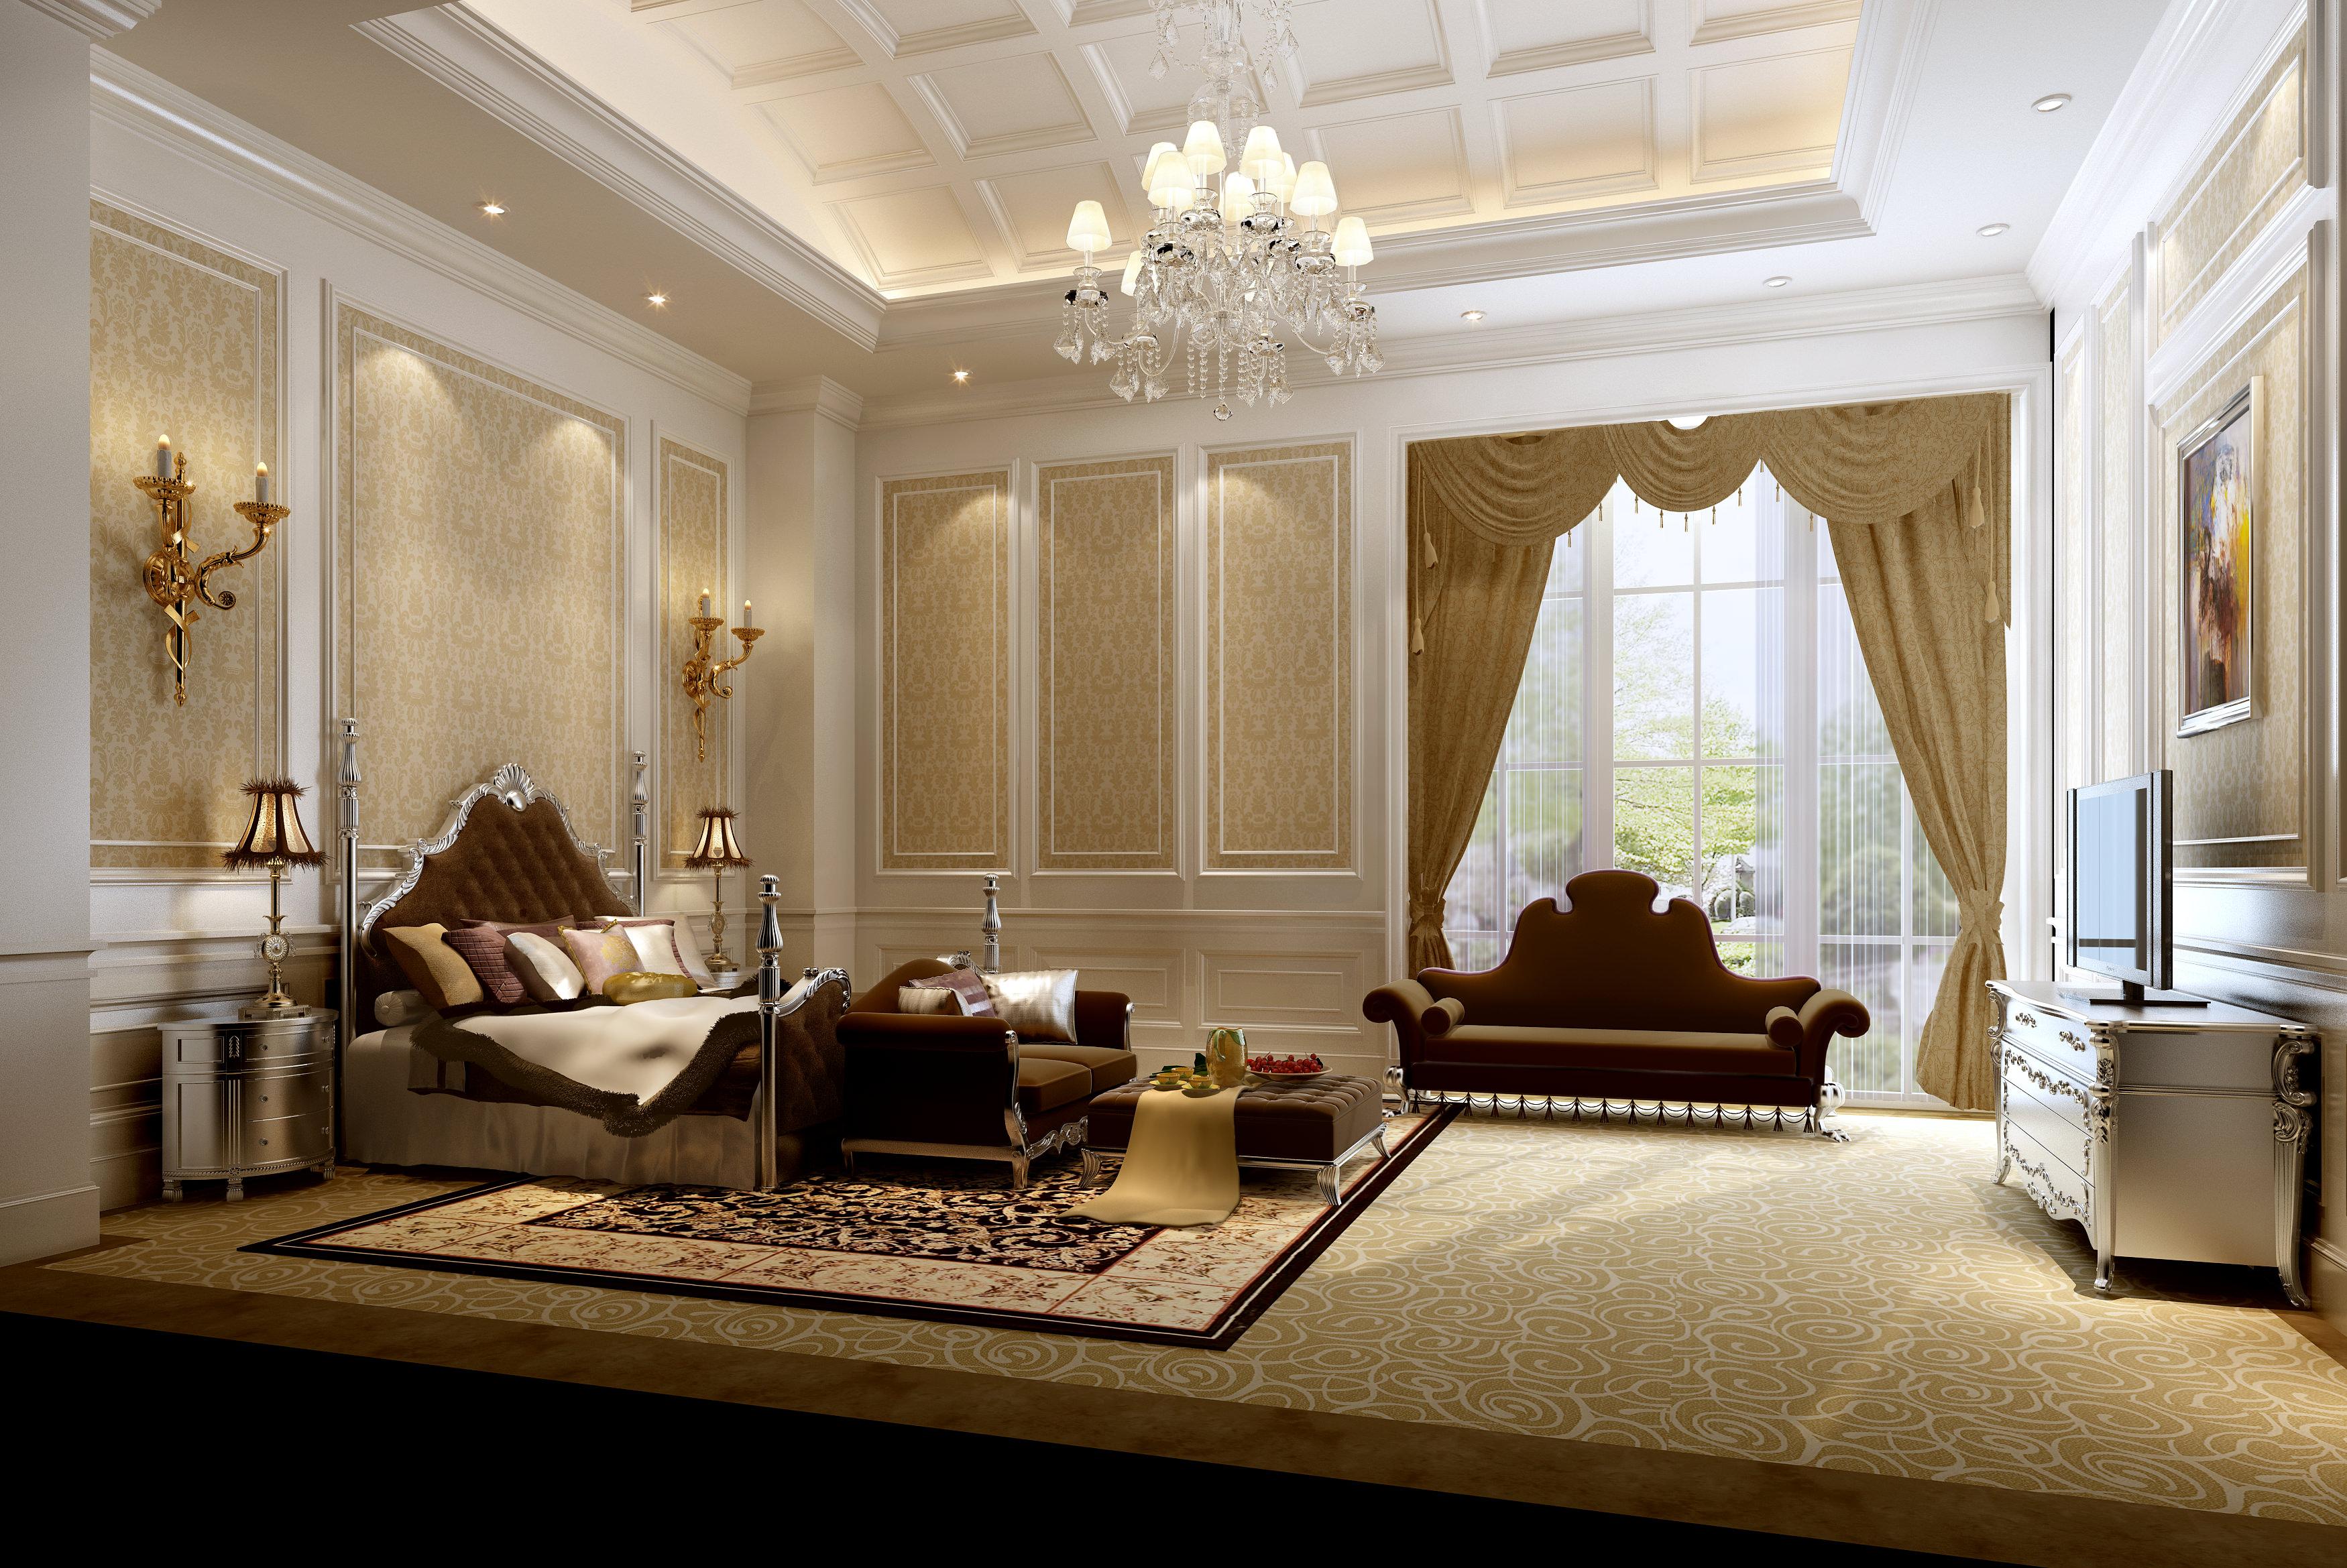 Very luxury bedroom 3D Model .max